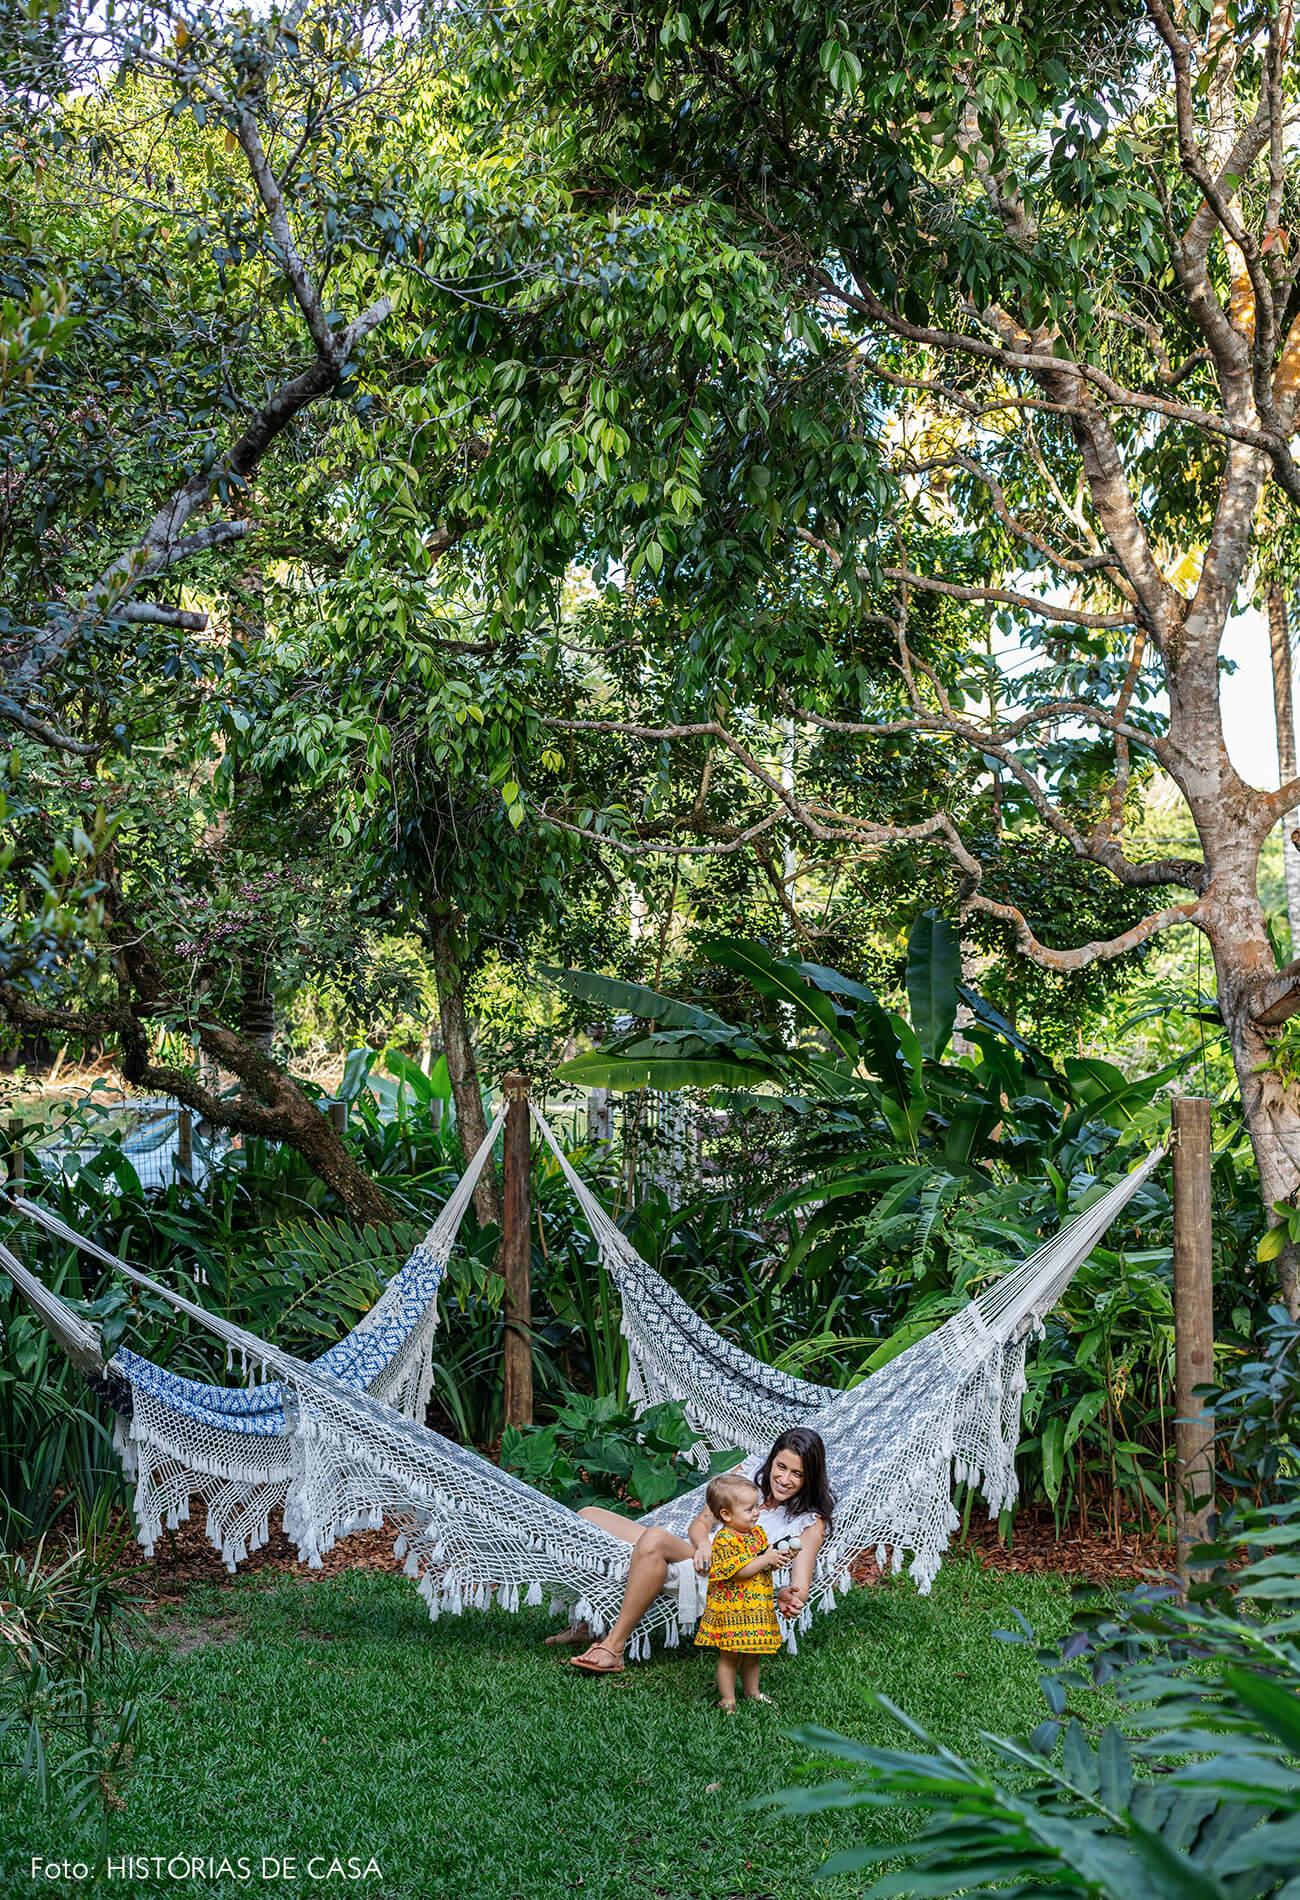 trancoso-vilasete-hotel-decoracao-70-retrato-familia-jardim-rede-croche-azul-branco